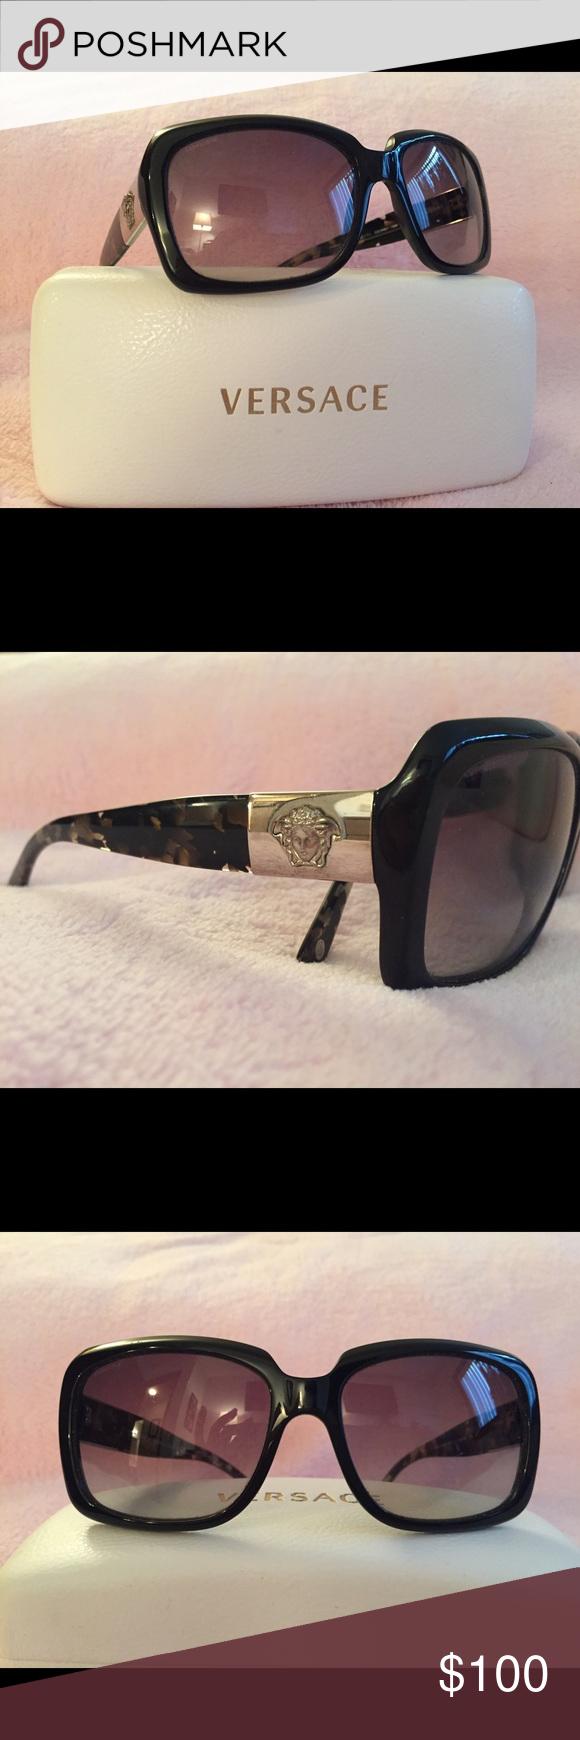 1c4668d138de9 Versace Sunglasses with Case Versace black tortoise shell frames. Dark  ombré lenses. Big